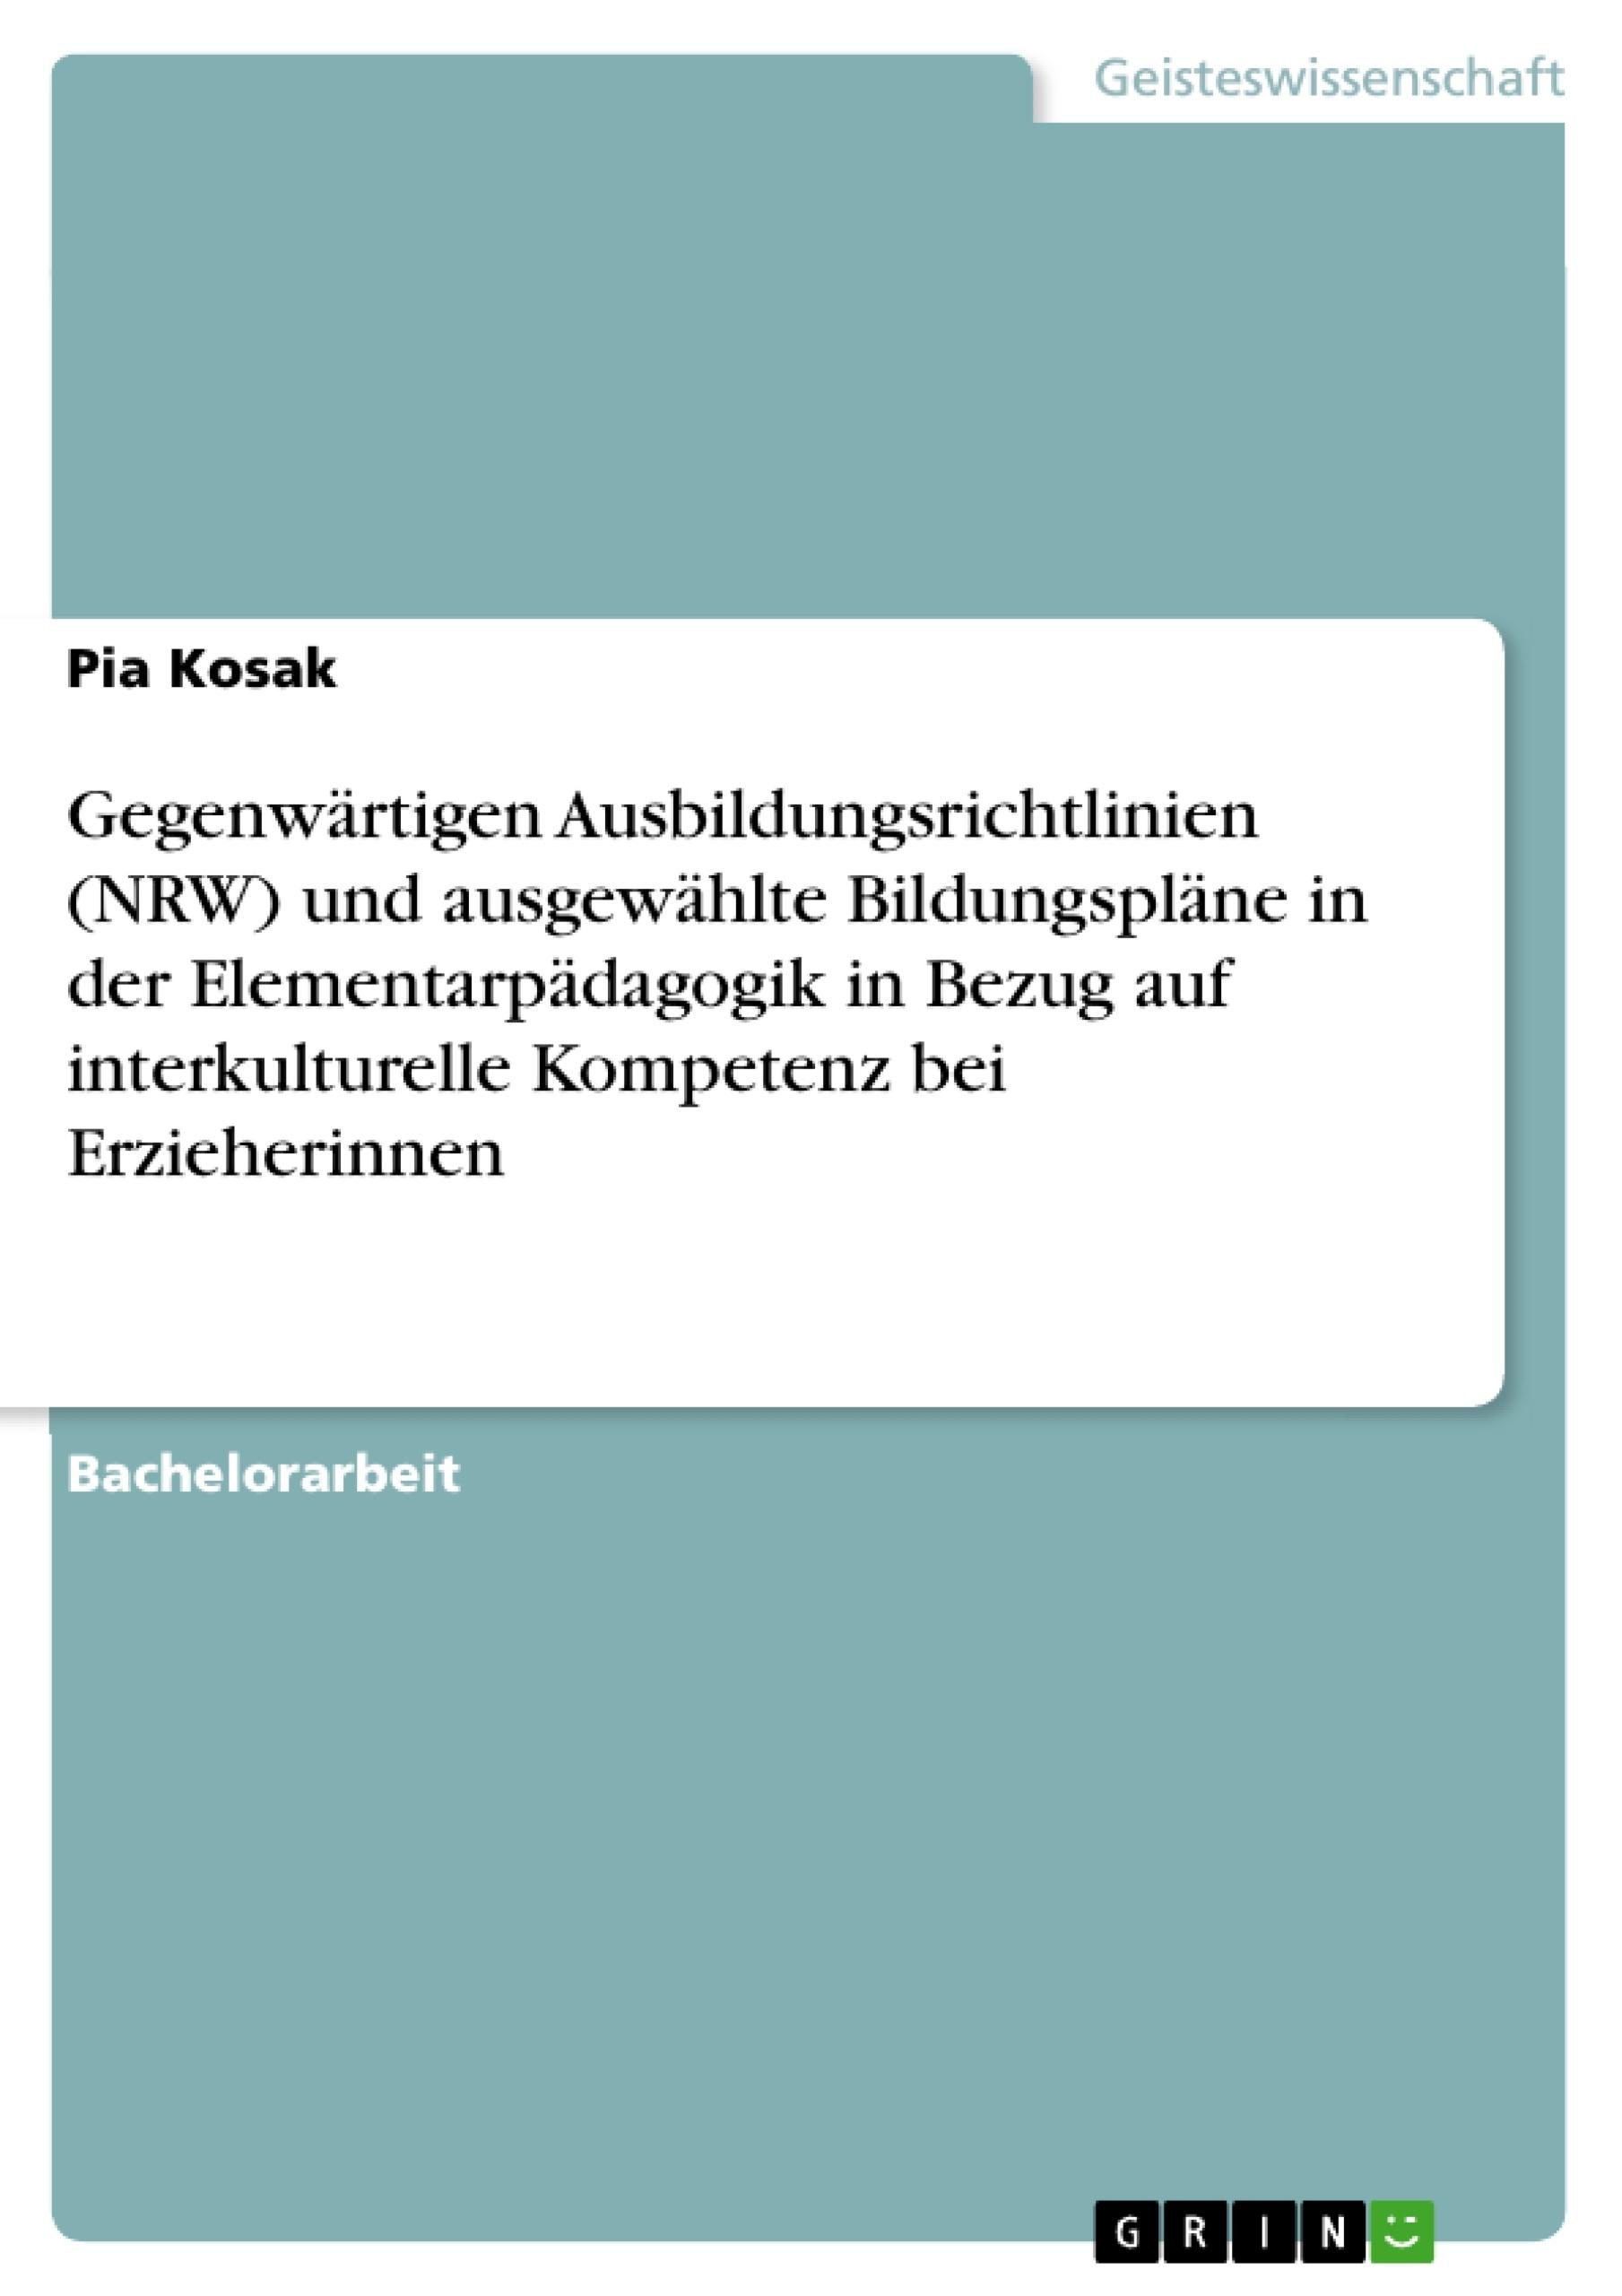 Titel: Gegenwärtigen Ausbildungsrichtlinien (NRW) und ausgewählte Bildungspläne in der Elementarpädagogik in Bezug auf interkulturelle Kompetenz bei Erzieherinnen